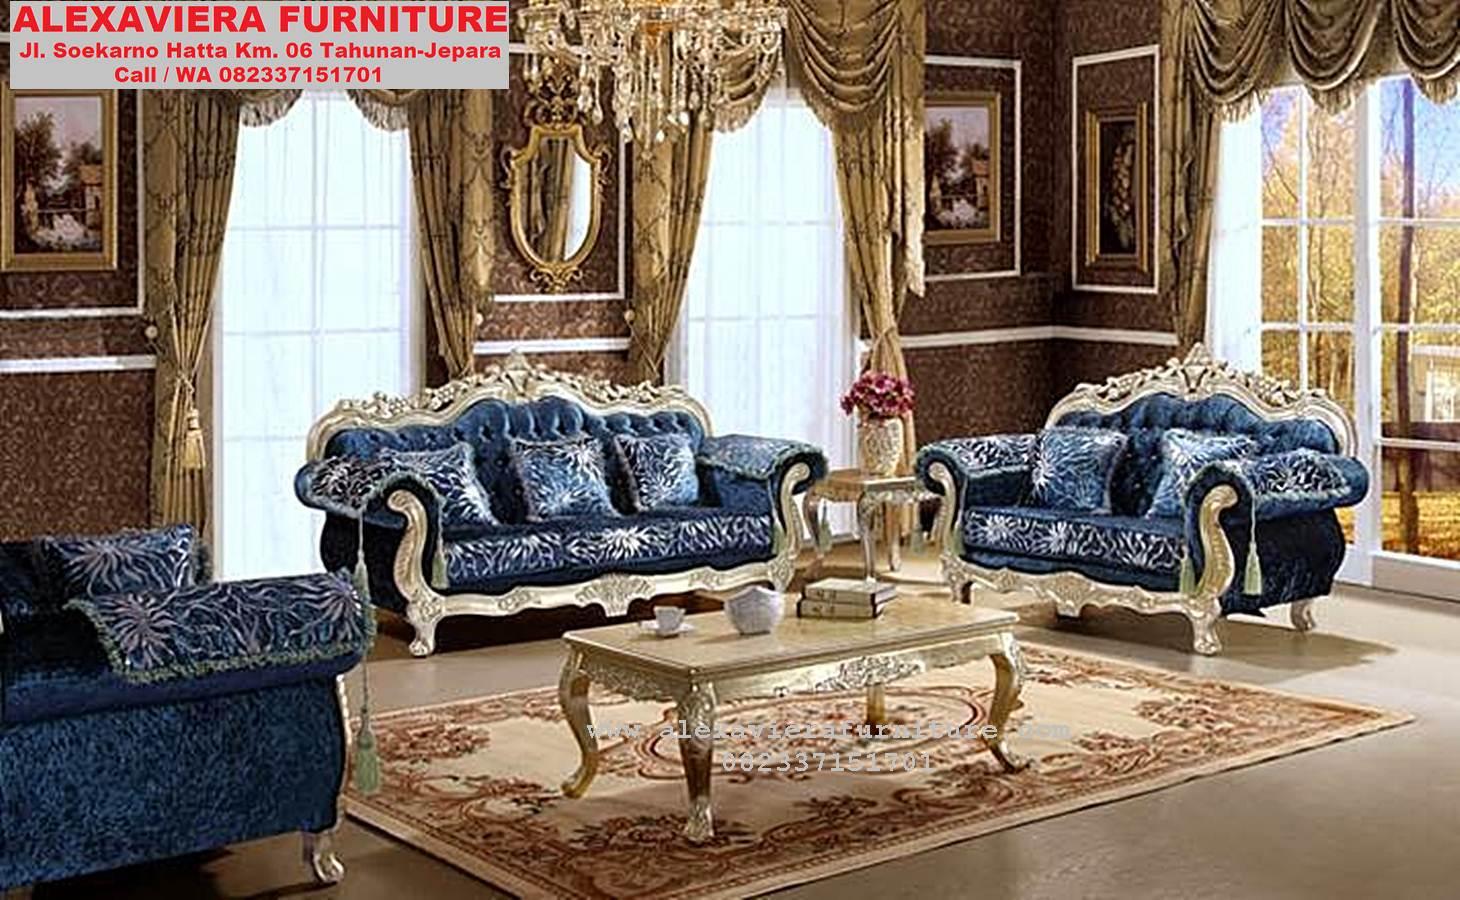 Desain Sofa Ruang Tamu Ukiran Jepara Kt  Sofa Ruang Tunggu Sofa Ruang Keluarga Mewah Sofa Ruang Keluarga Minimalis Sofa Ruang Keluarga Kecil